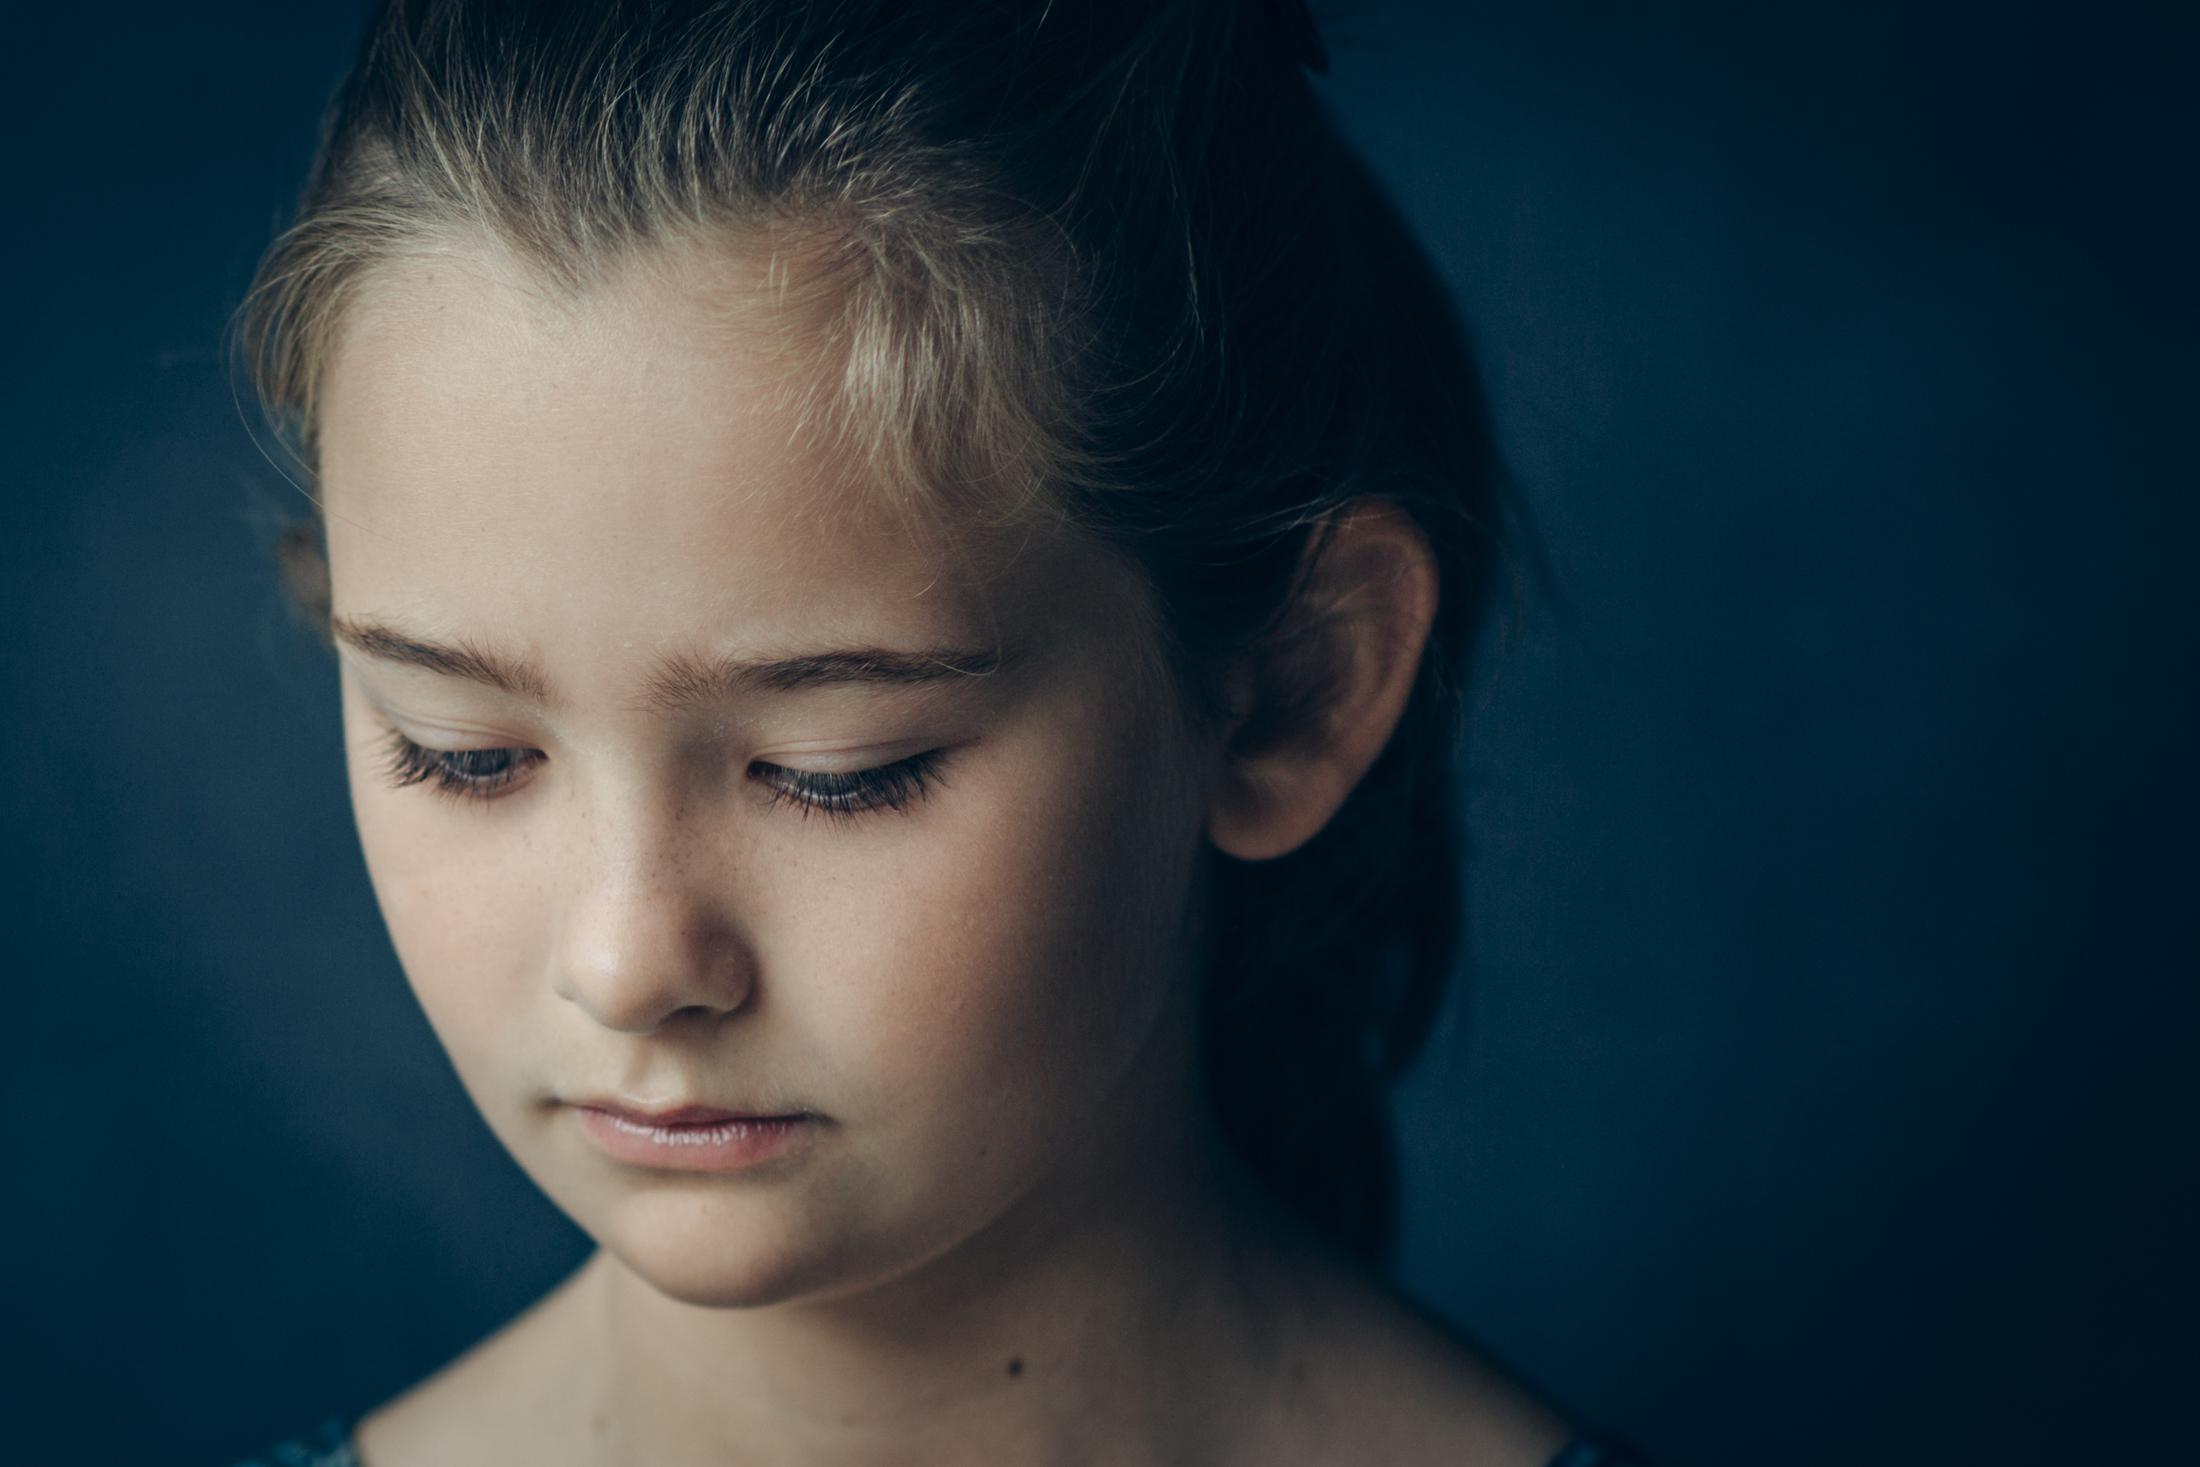 sydney_child_portrait_photgrapher_sheridan_nilsson-4572.jpg